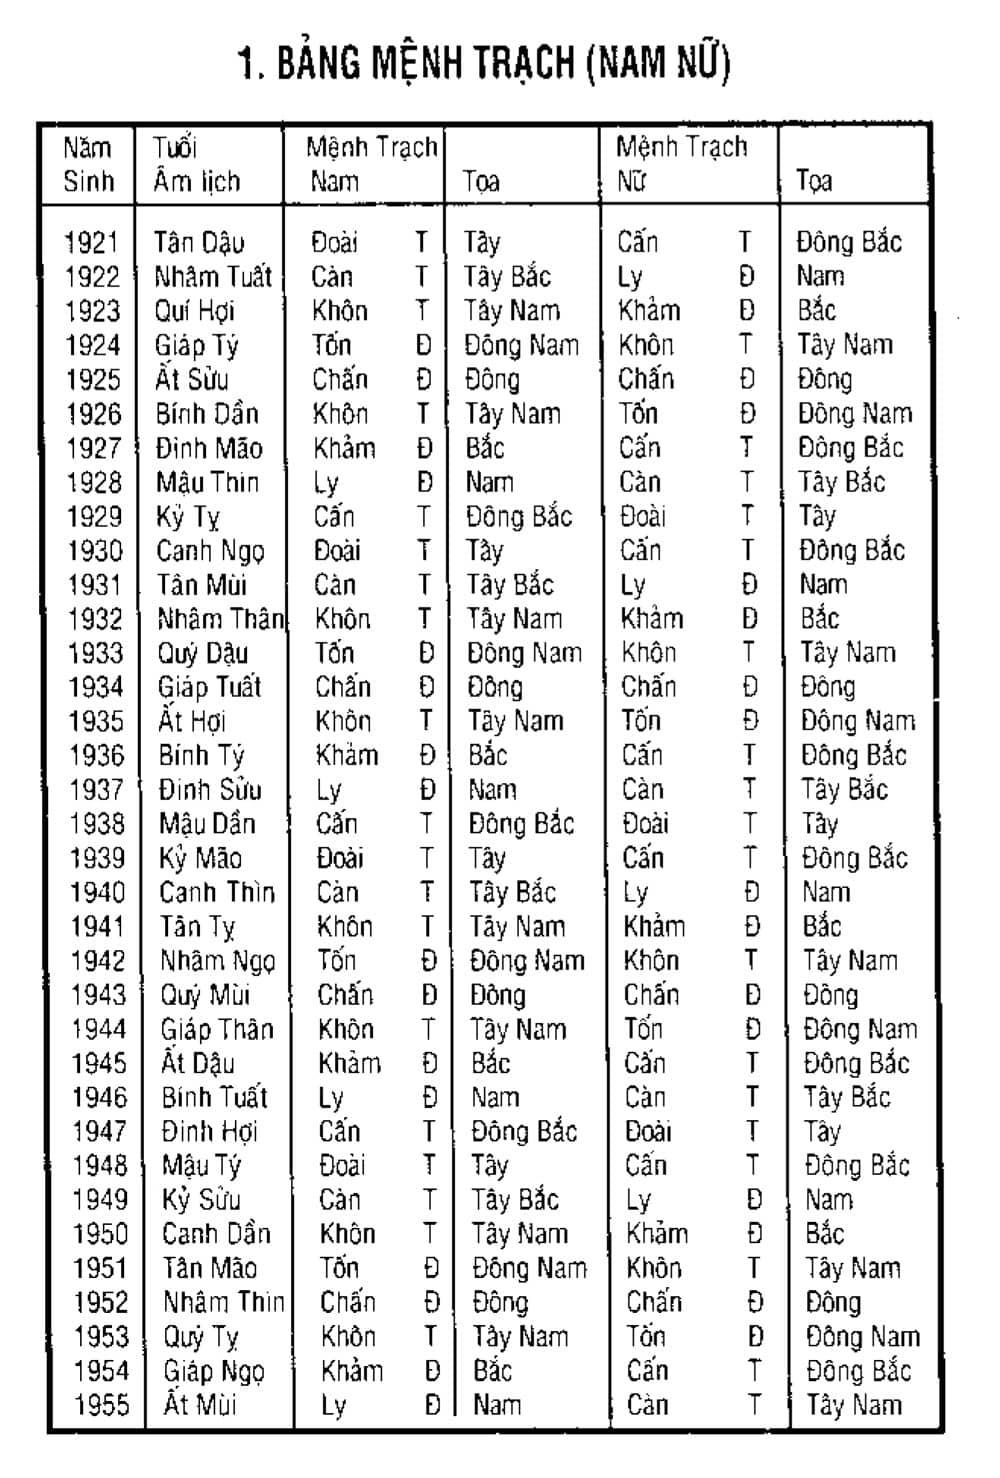 Bảng tra cứu mệnh trạch Nam, Nữ theo năm sinh